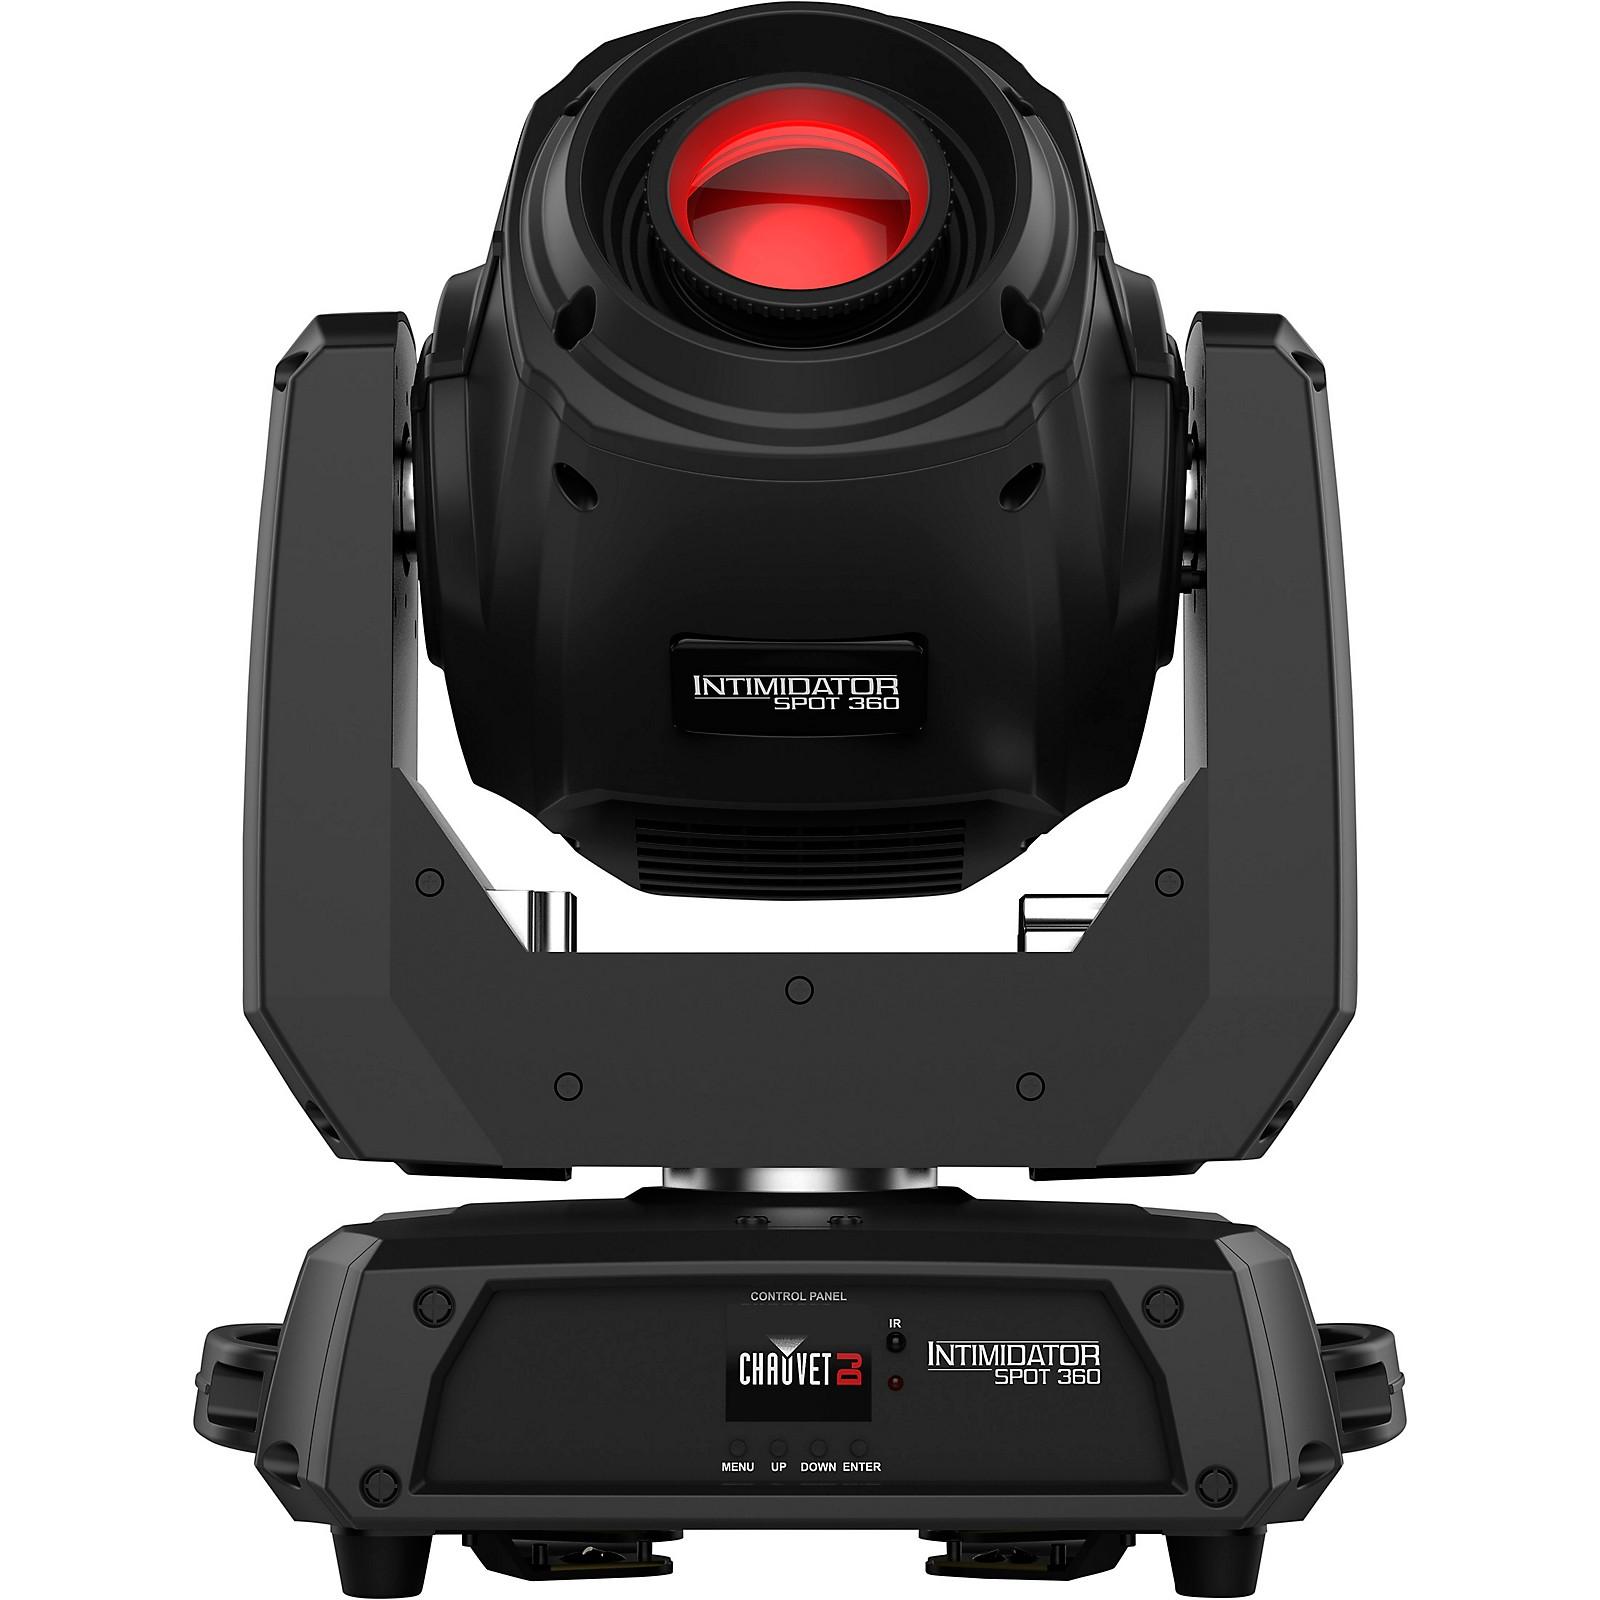 CHAUVET DJ Intimidator Spot 360 LED Spotlight